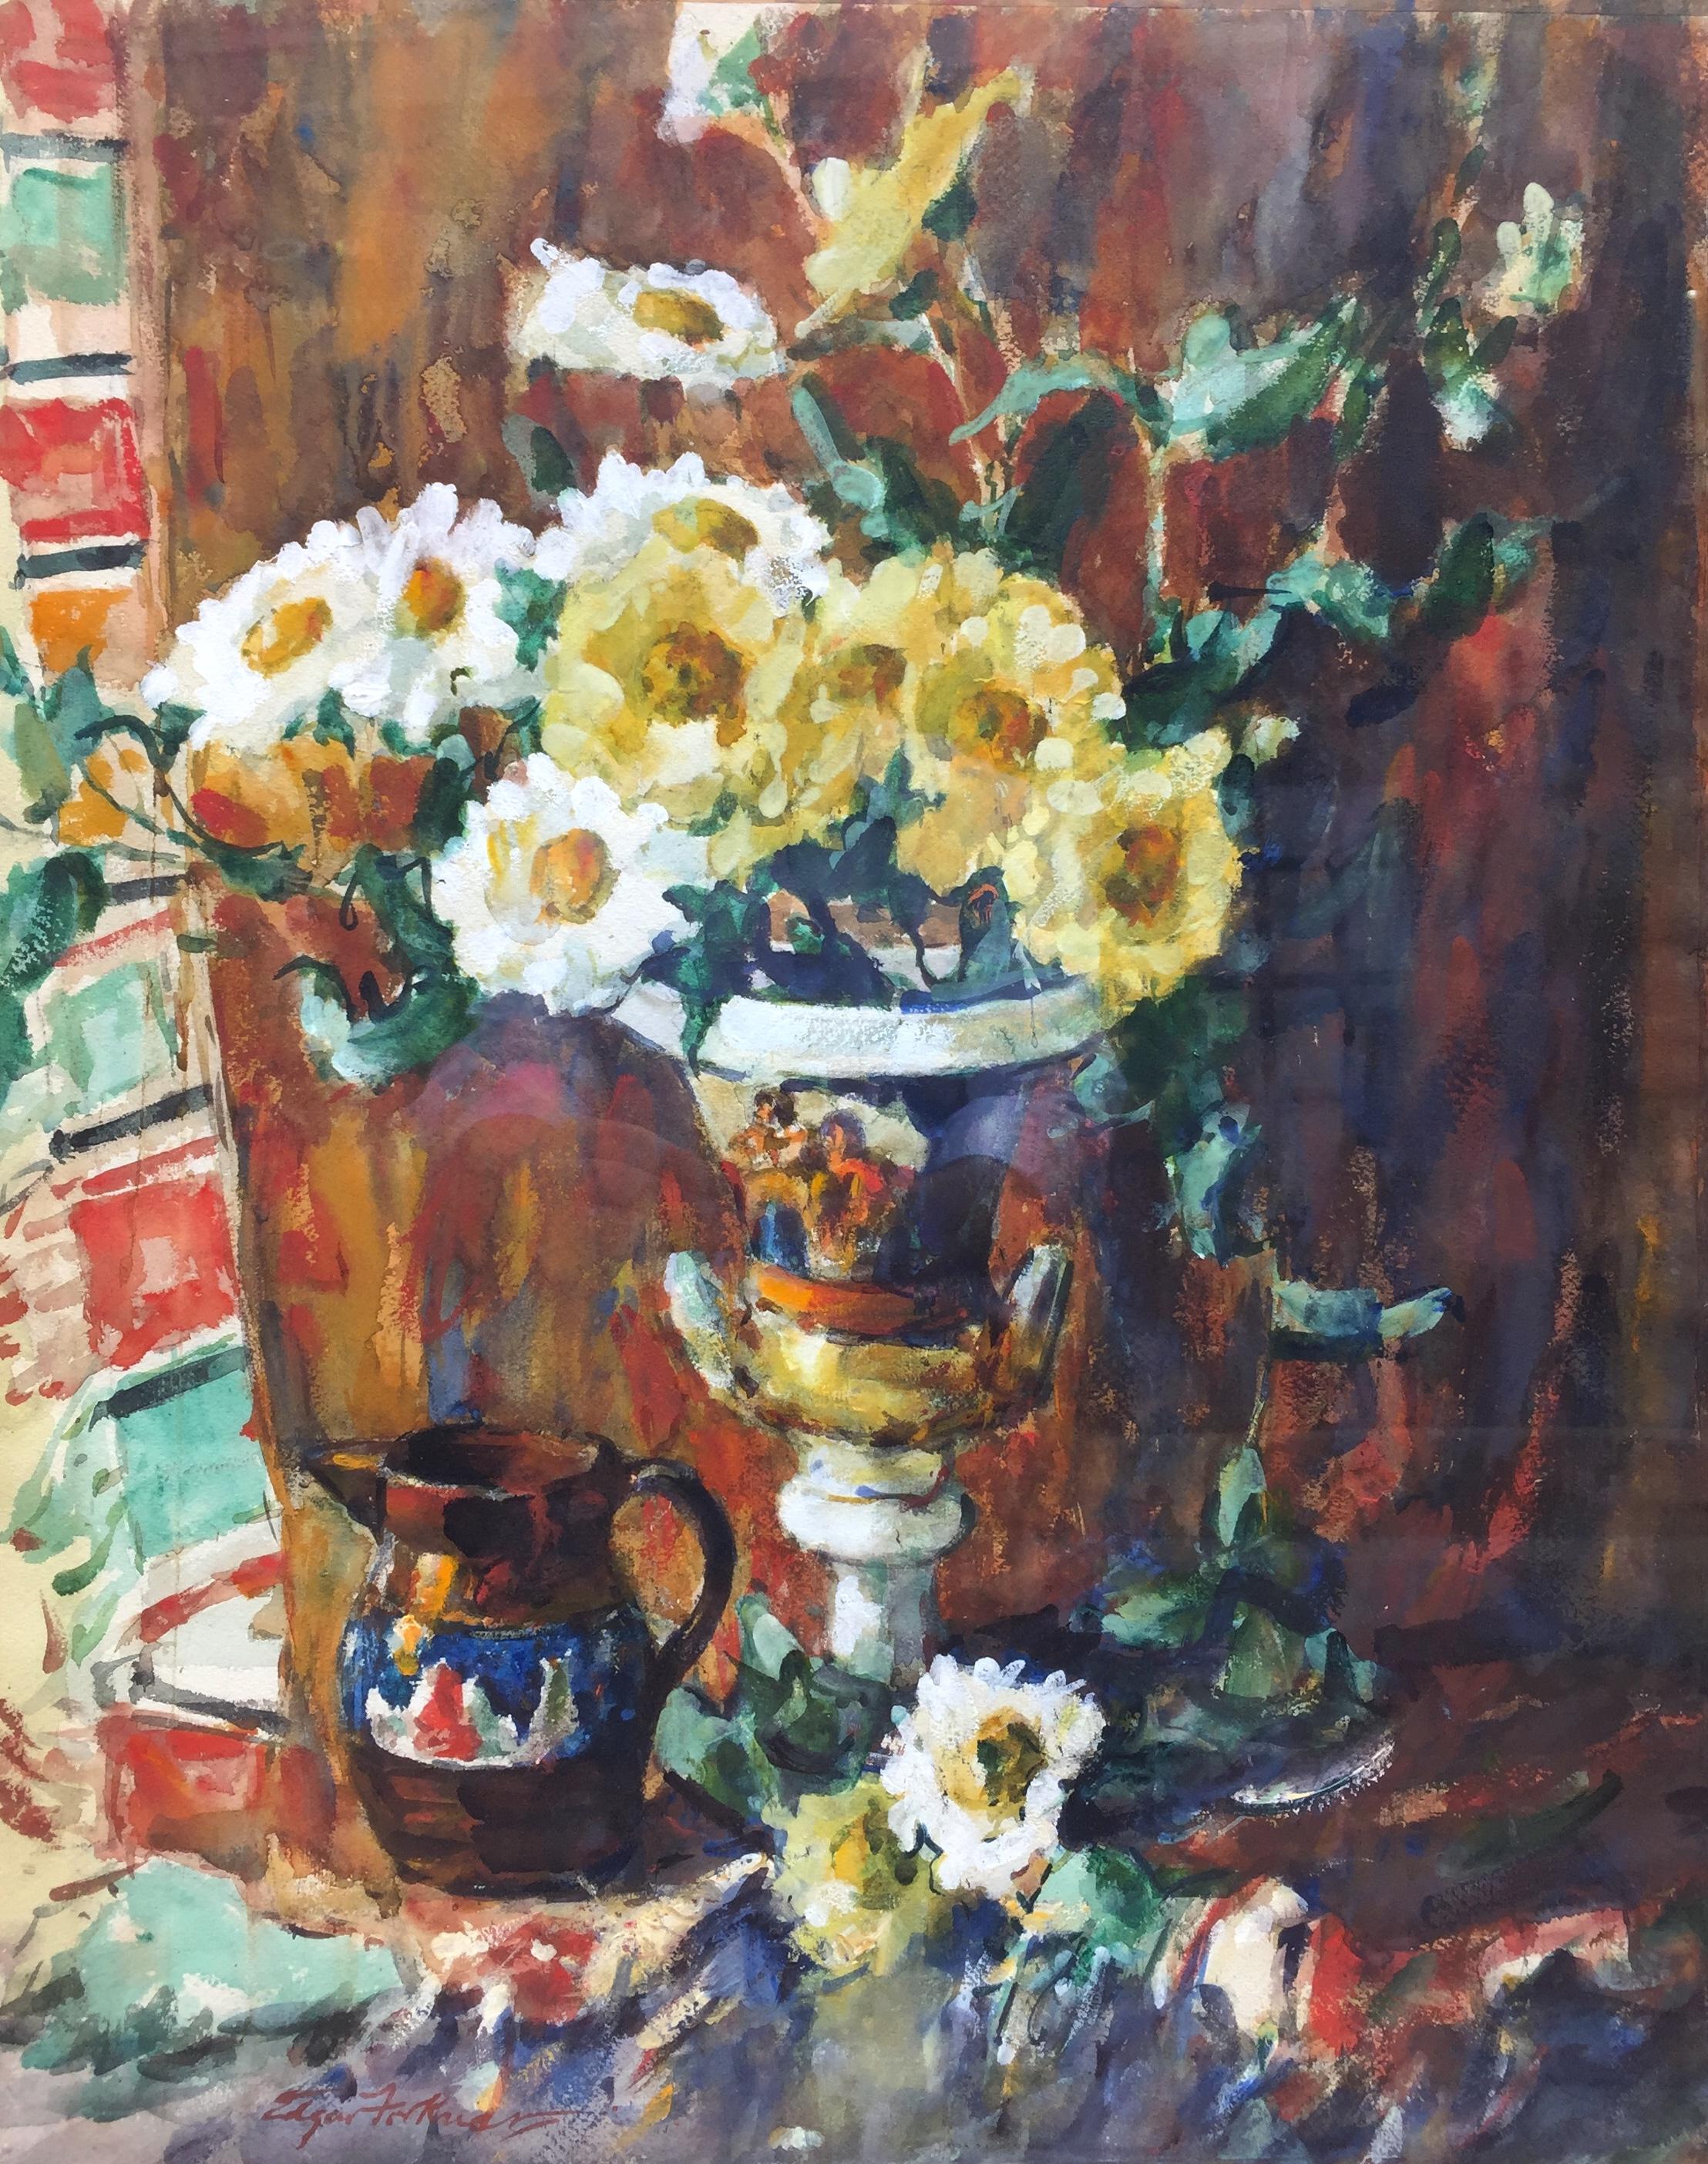 The Roman Vase